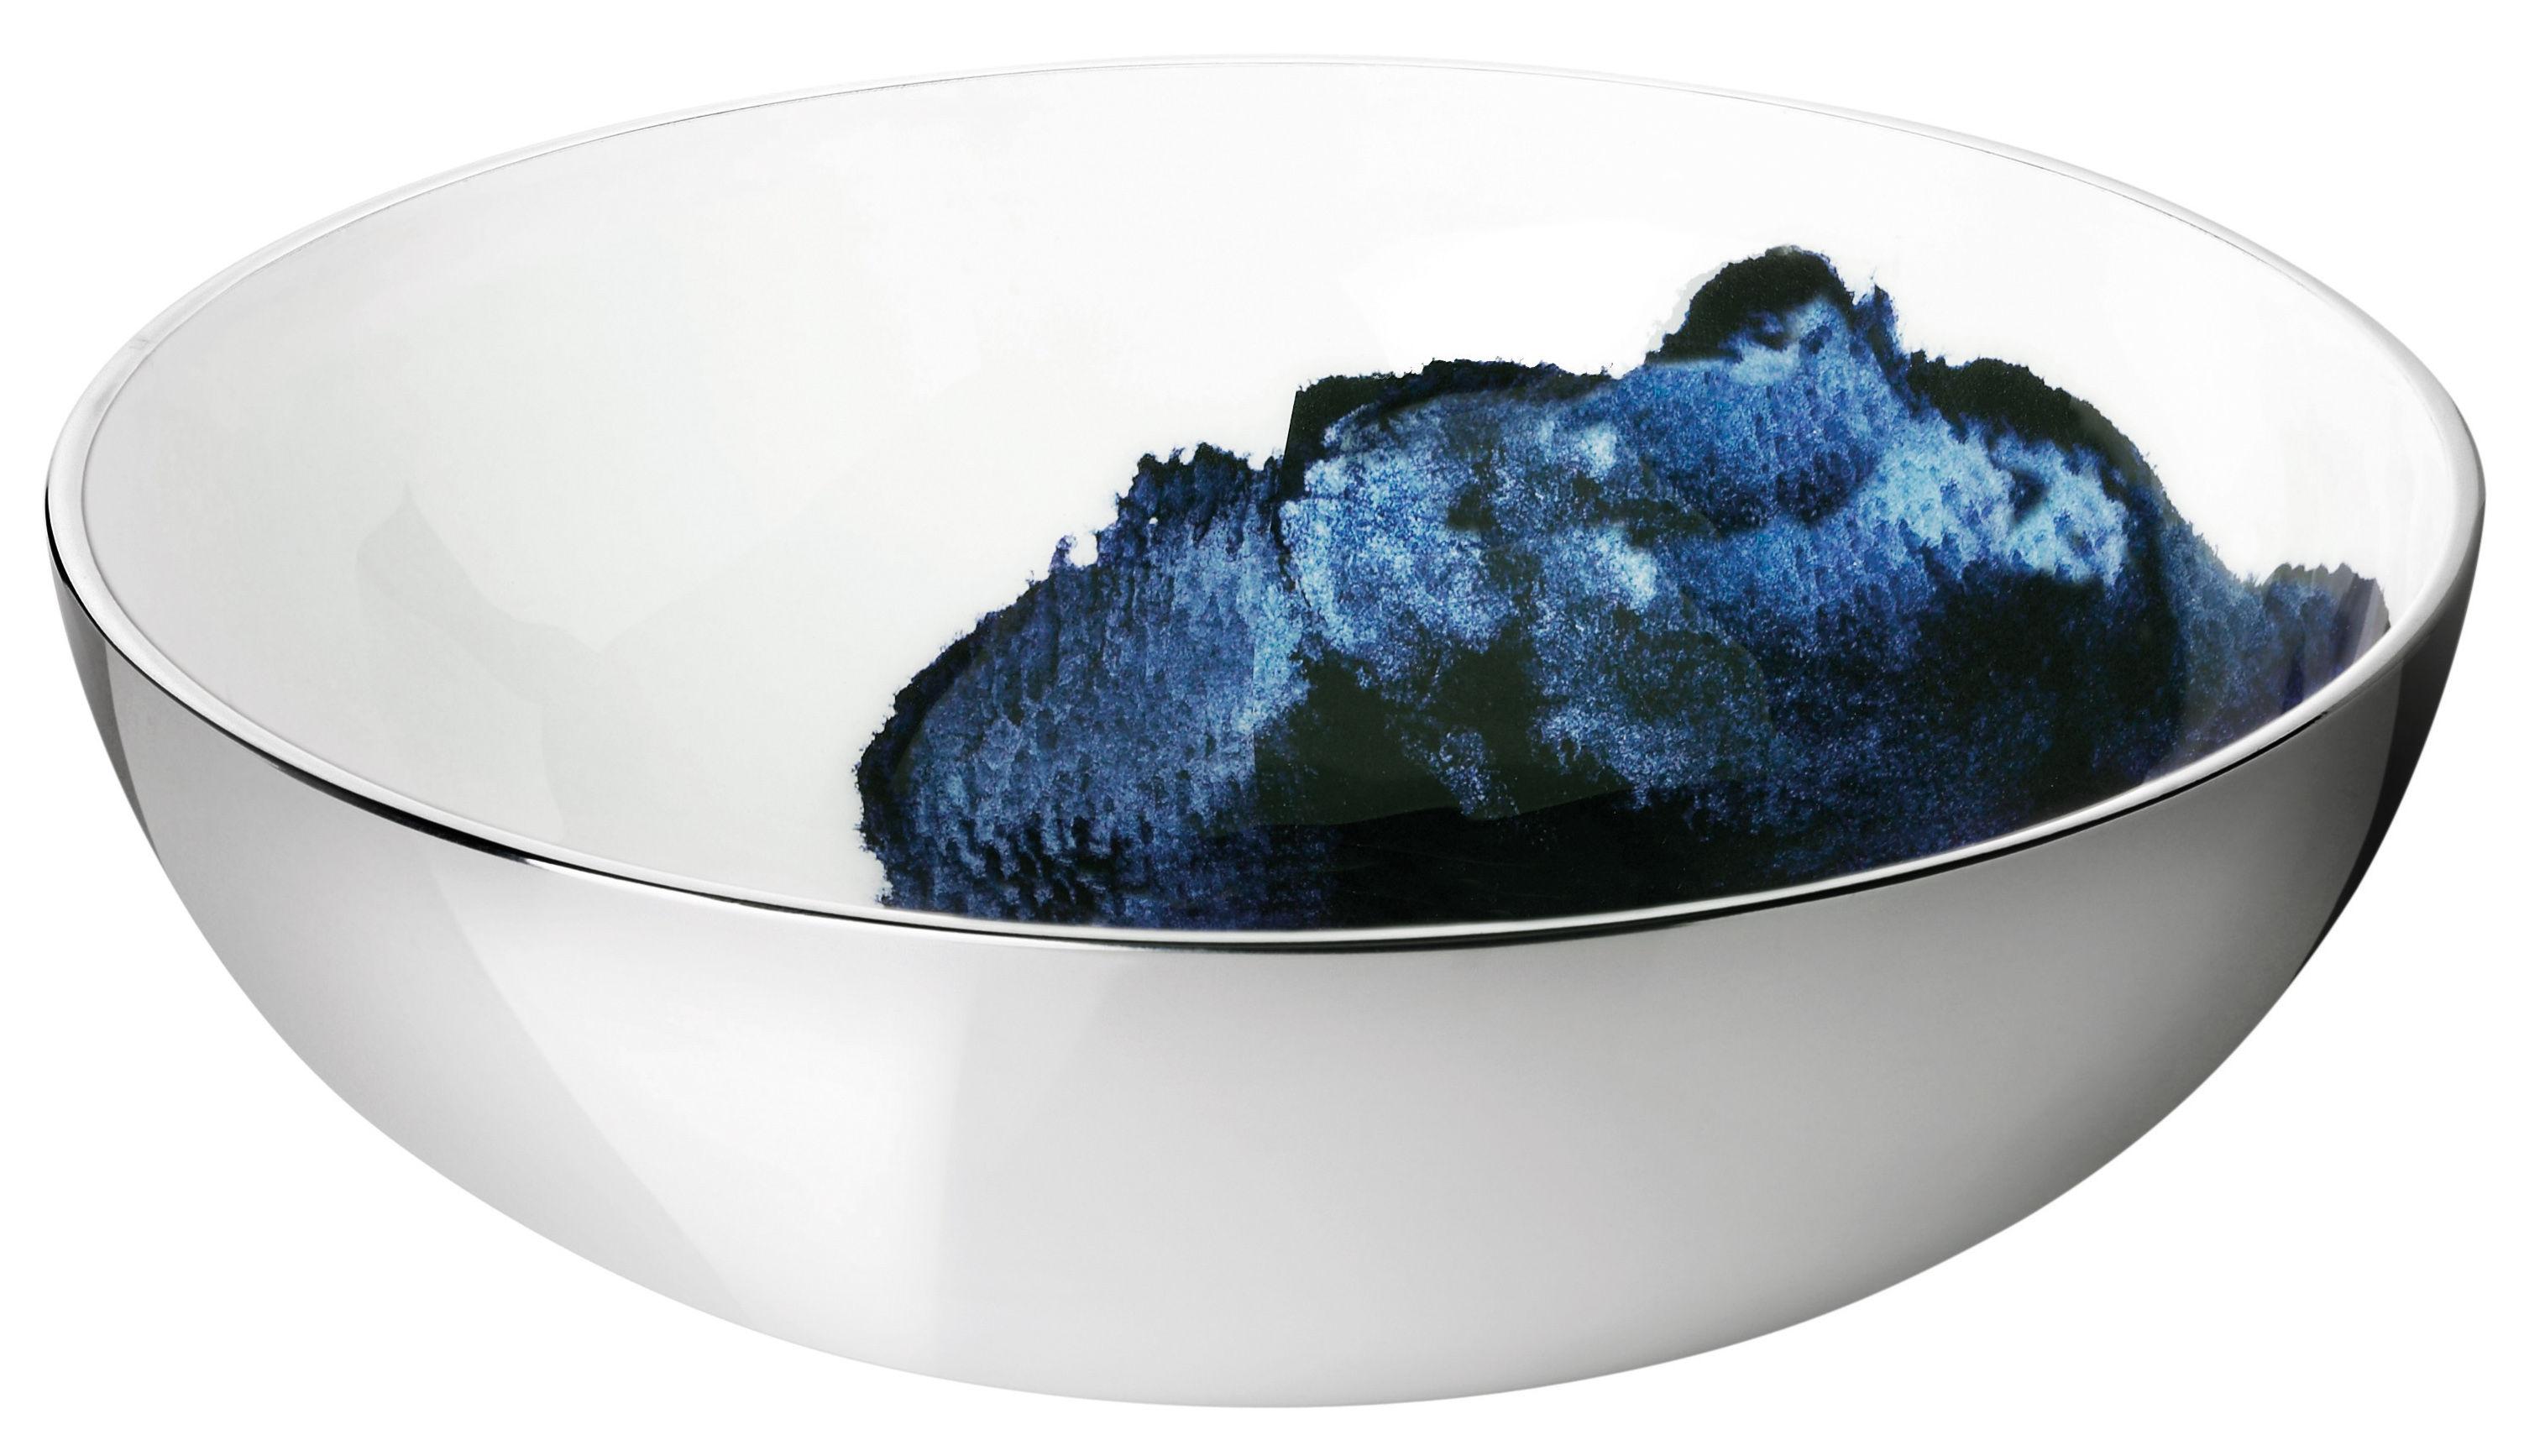 Tableware - Bowls - Stockholm Aquatic Salad bowl - Ø 30 x H 10 cm by Stelton - White & blue / Metal - Aluminium, Enamel